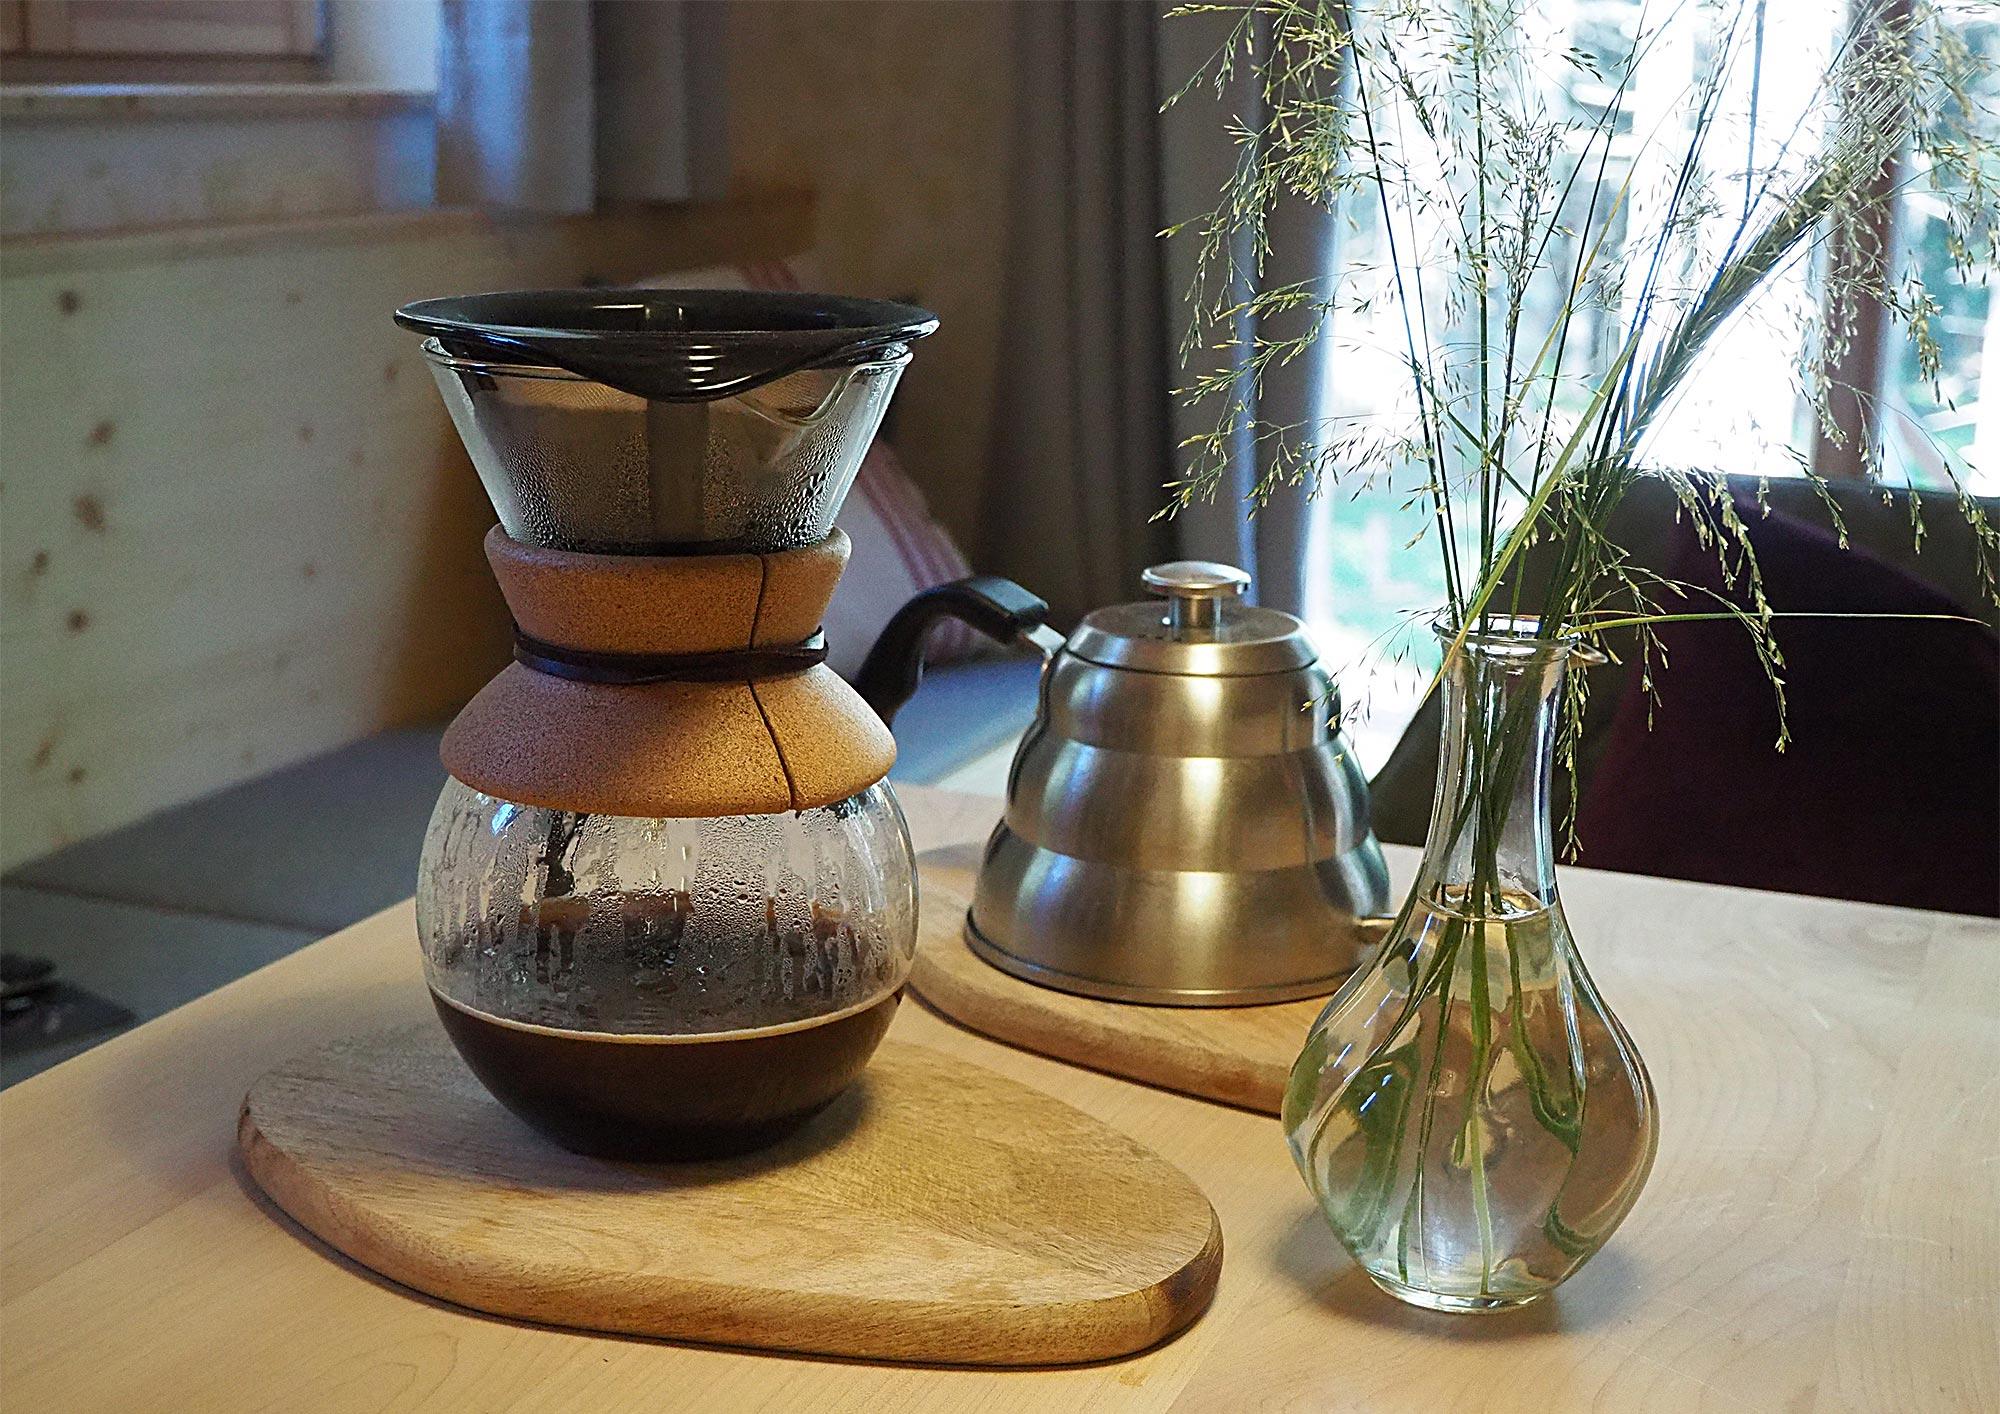 Köstlicher Kaffee darf am Morgen auch nicht fehlen